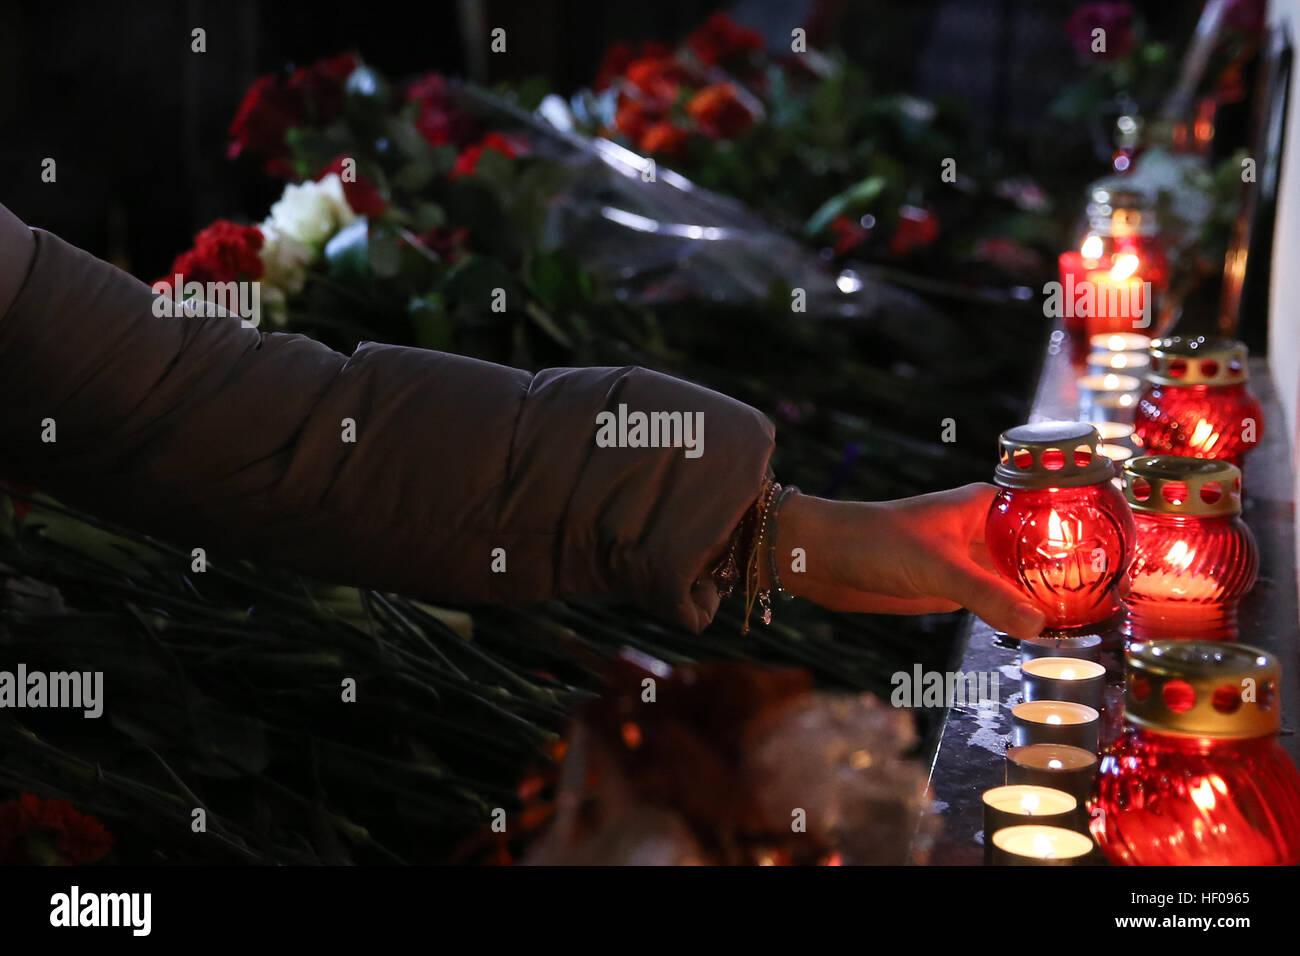 Moscou, Russie. 25 Décembre, 2016. Les gens jette près de bougies Alexandrov Hall, une salle de répétition Photo Stock